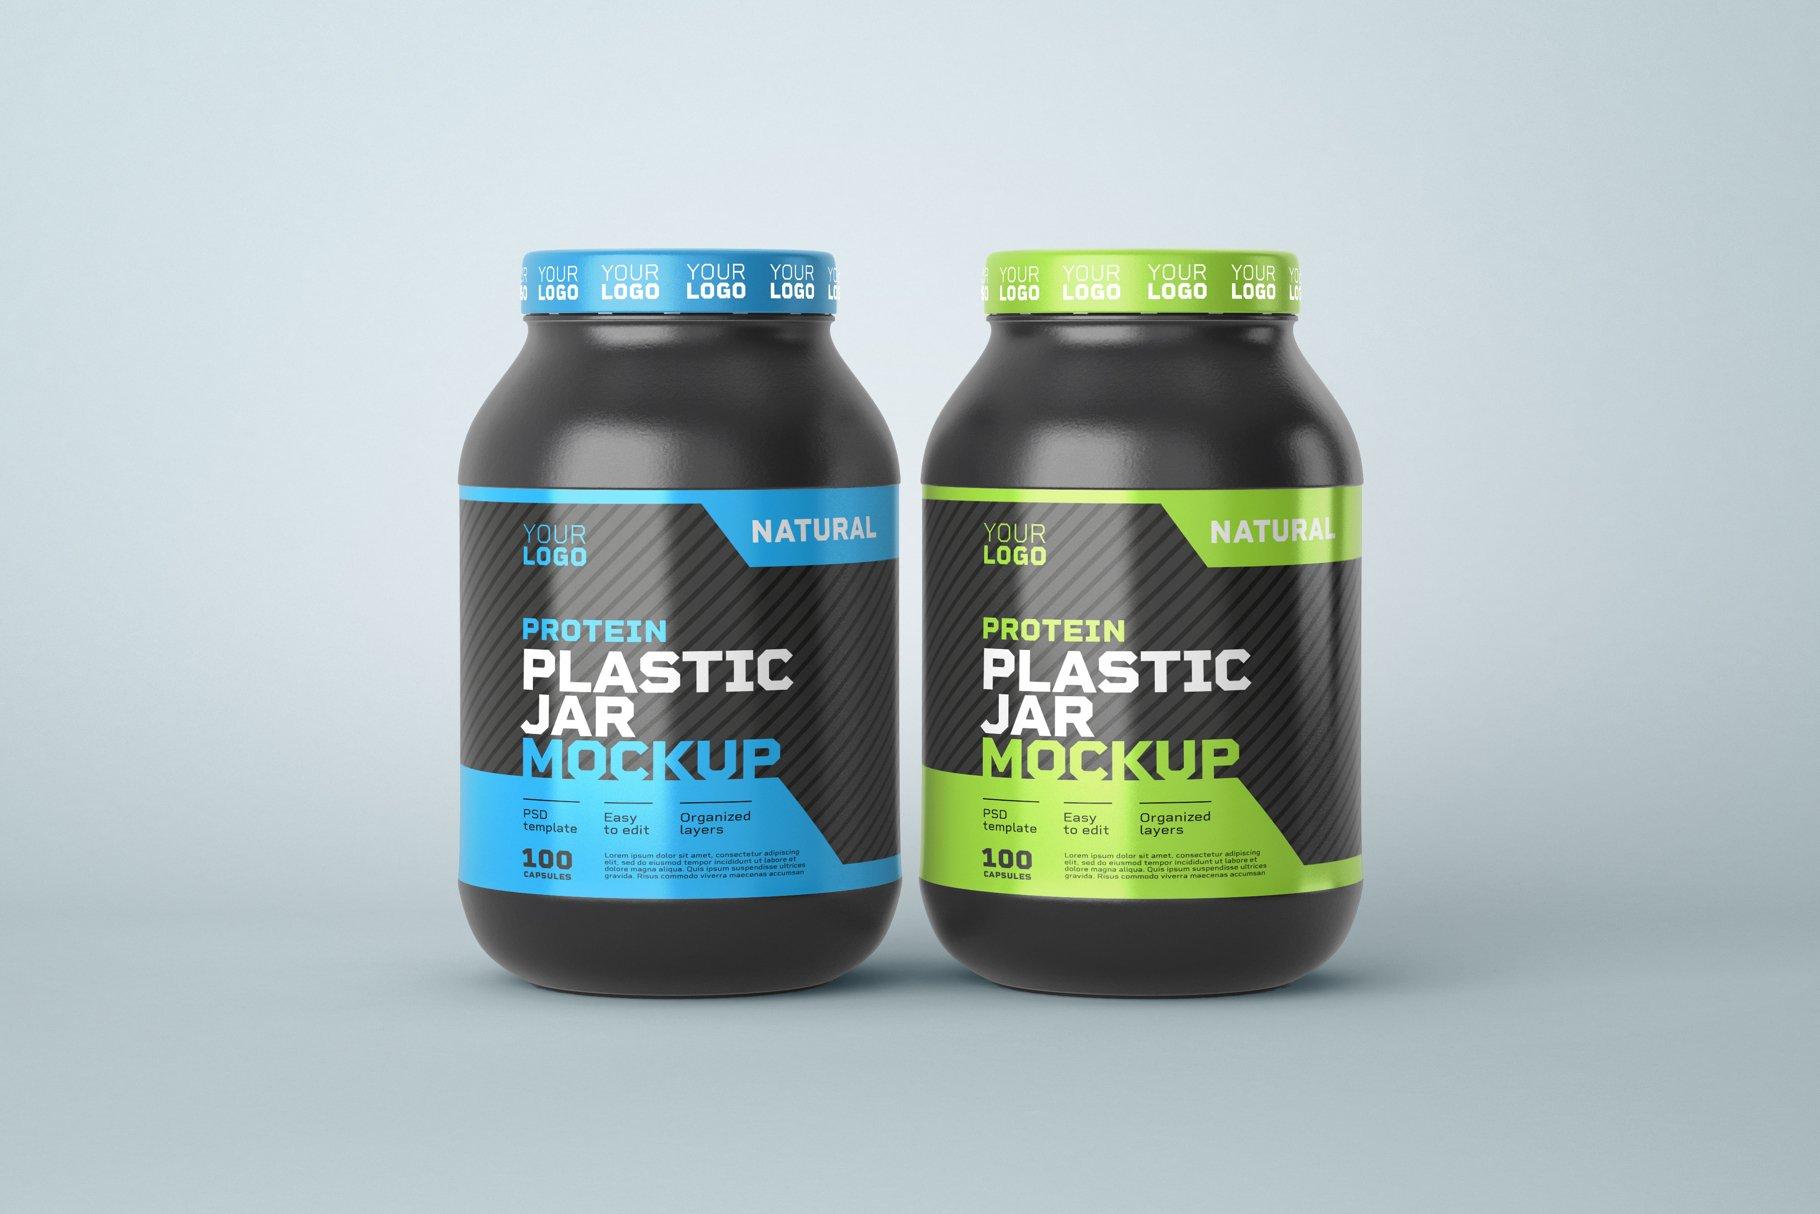 10款食物塑料罐标签设计展示样机模板 Food Supplement Plastic Jar Mockup插图(4)